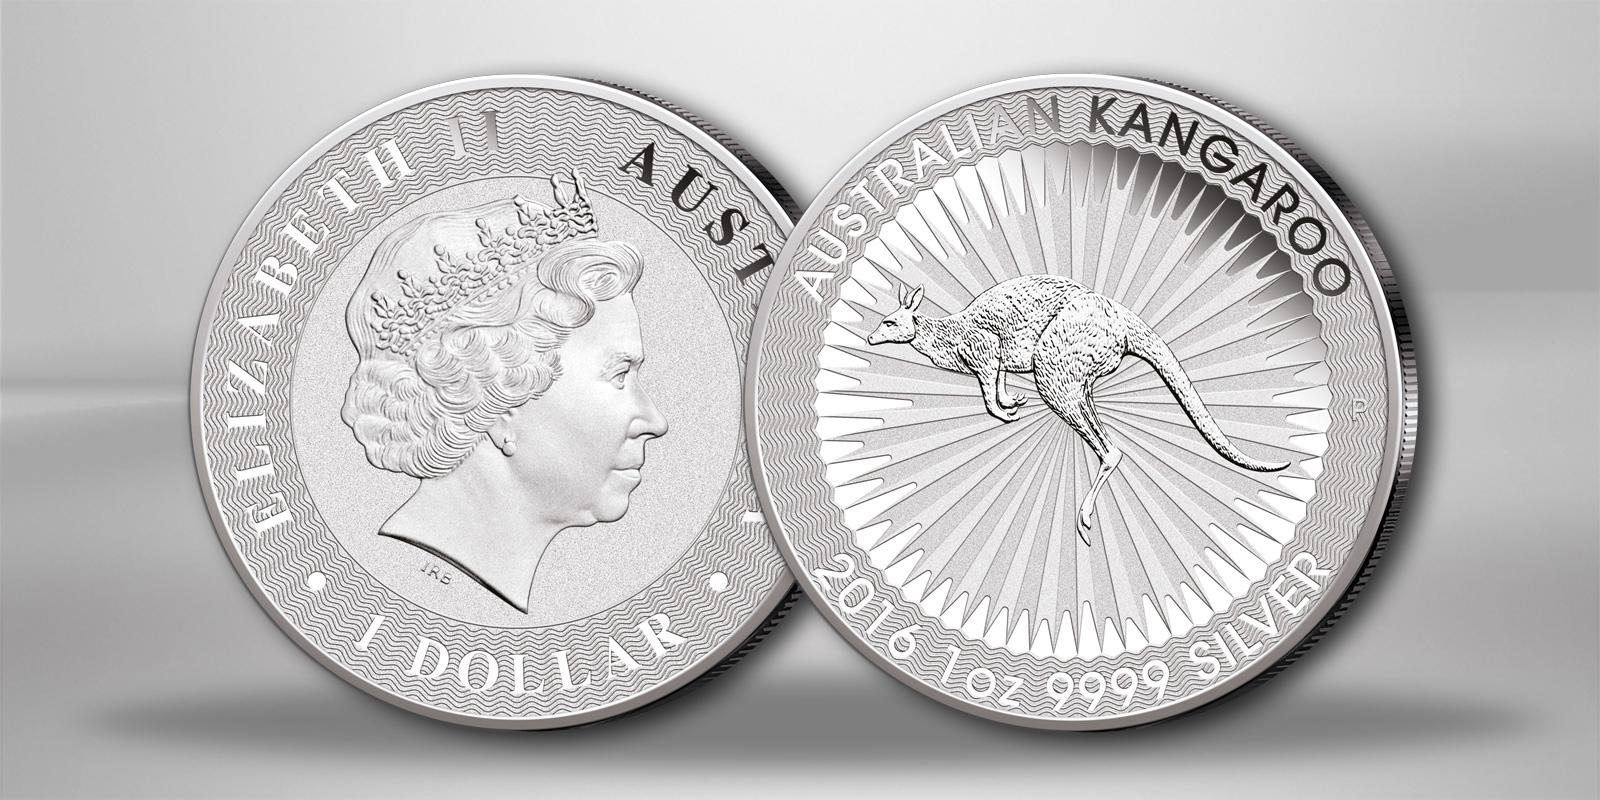 Australische Känguru 1 oz Silbermünze 2016 der Prägeanstalt Perth Mint